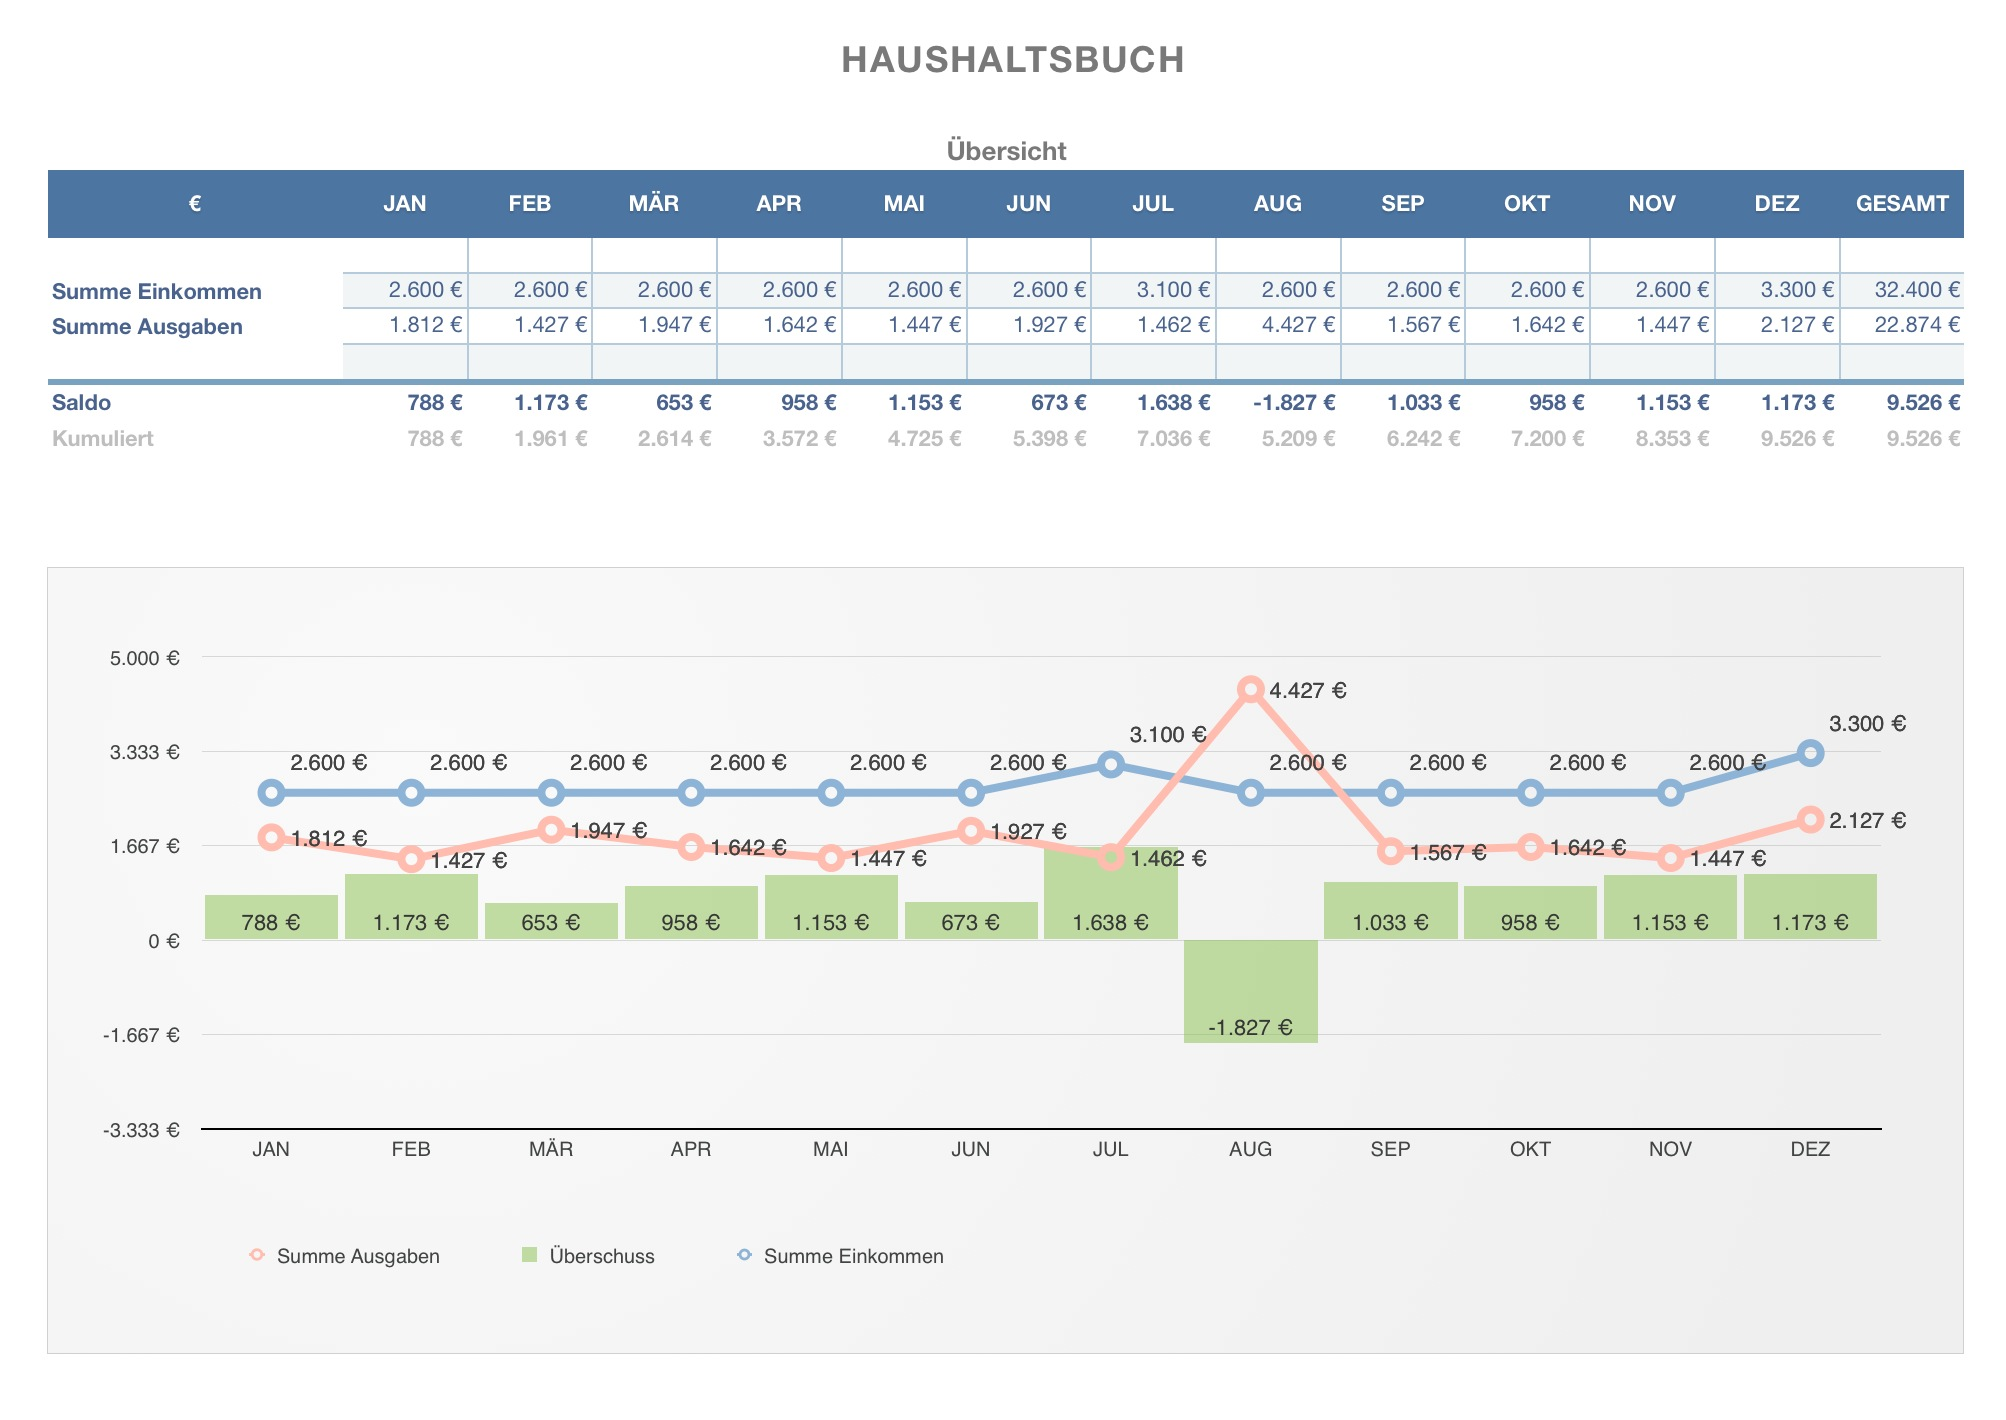 Numbers Vorlage Haushaltsbuch Haushaltsplan | Numbersvorlagen.de